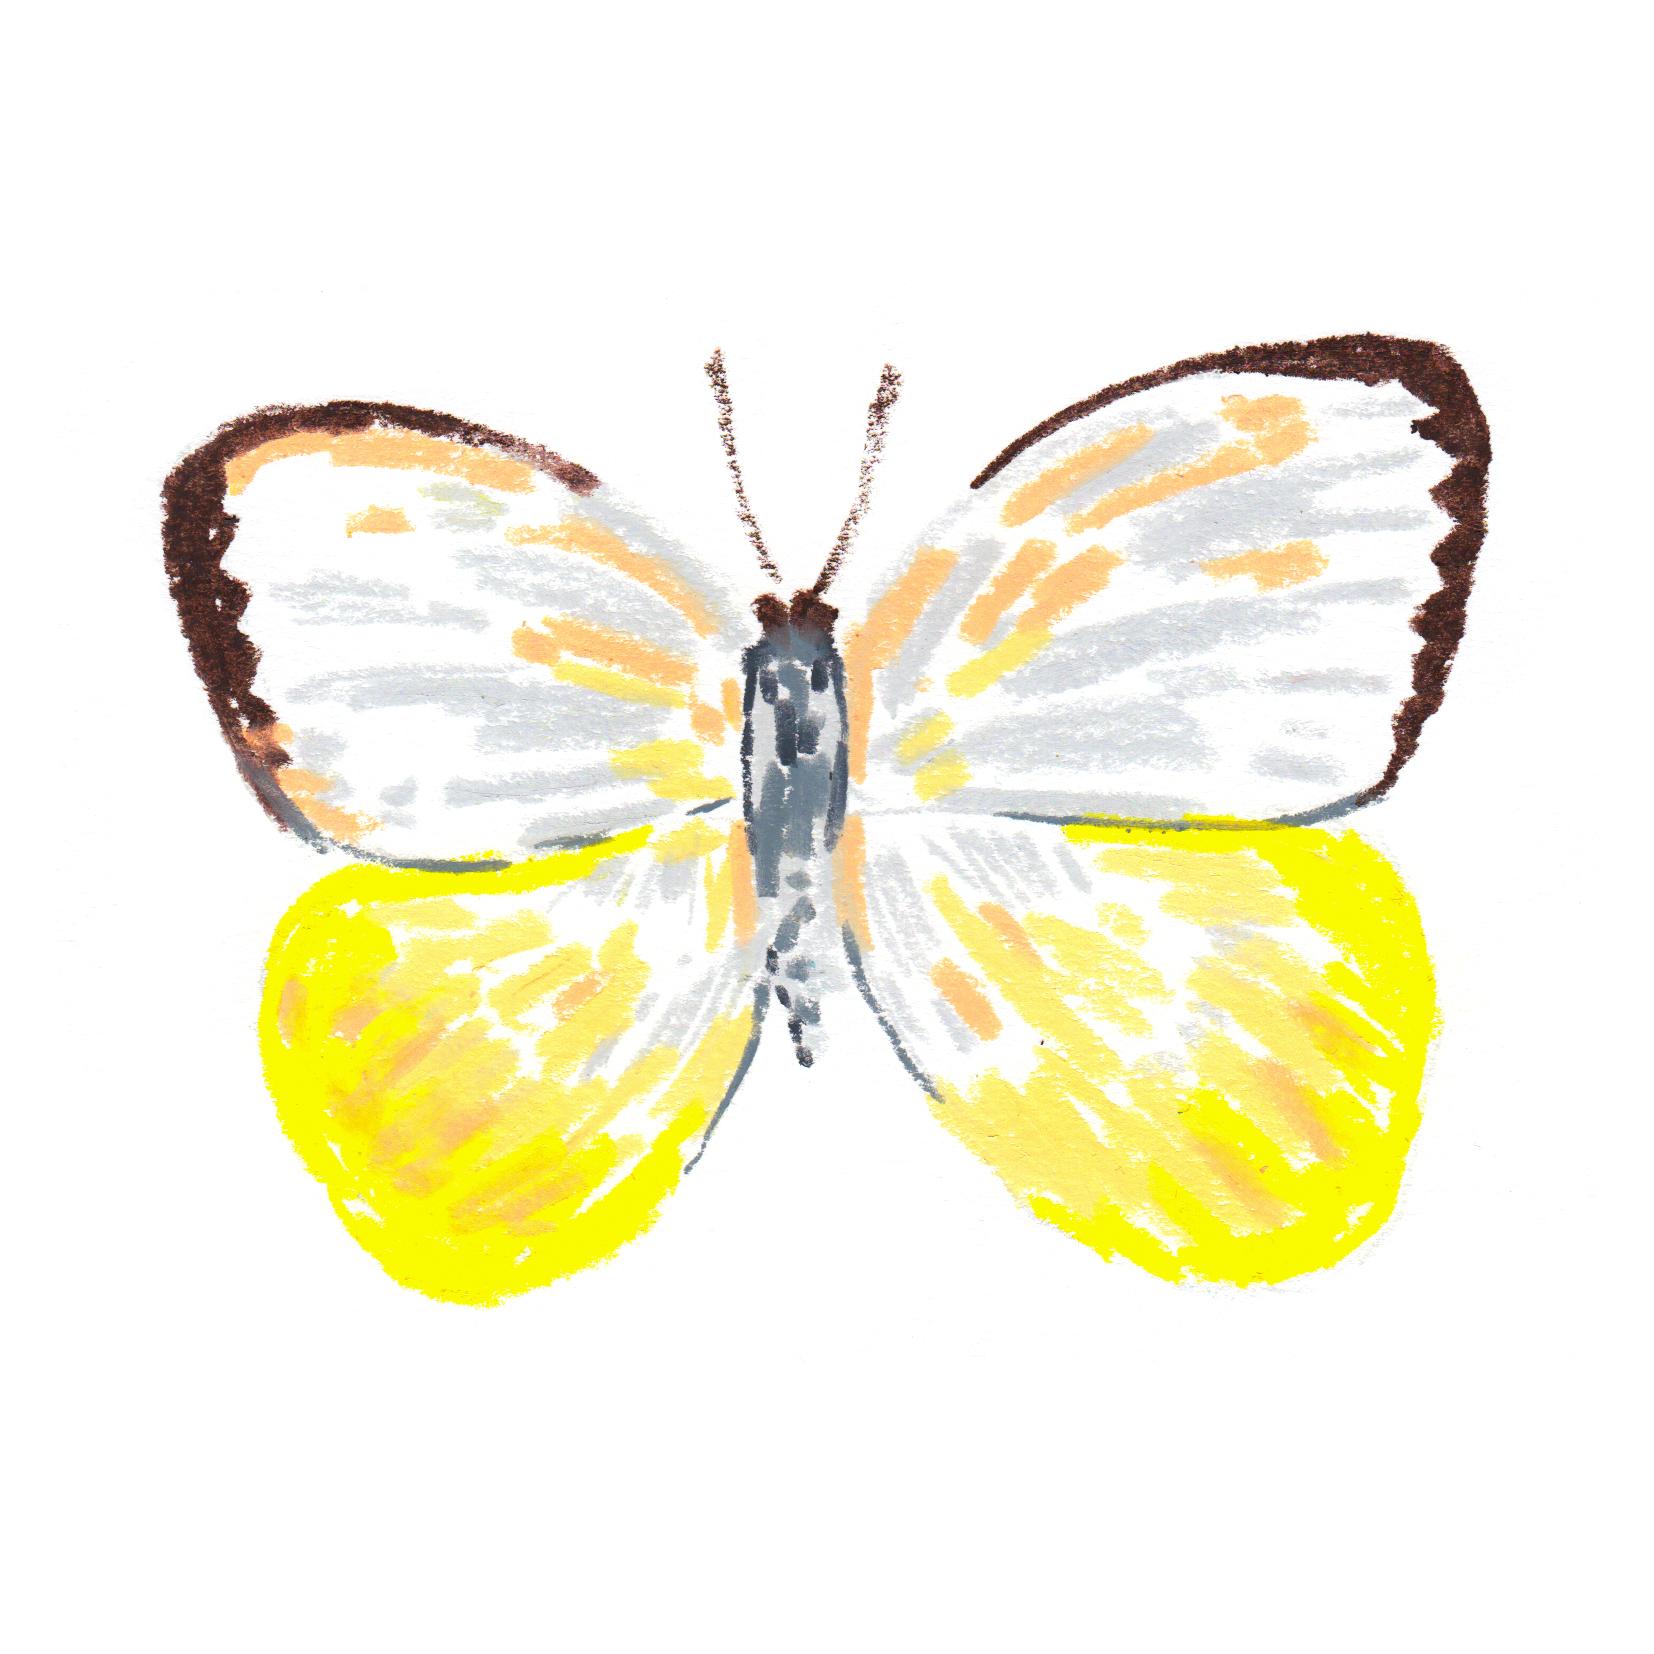 Butterfly catopsilia scylla - AsiaAustralia.jpg